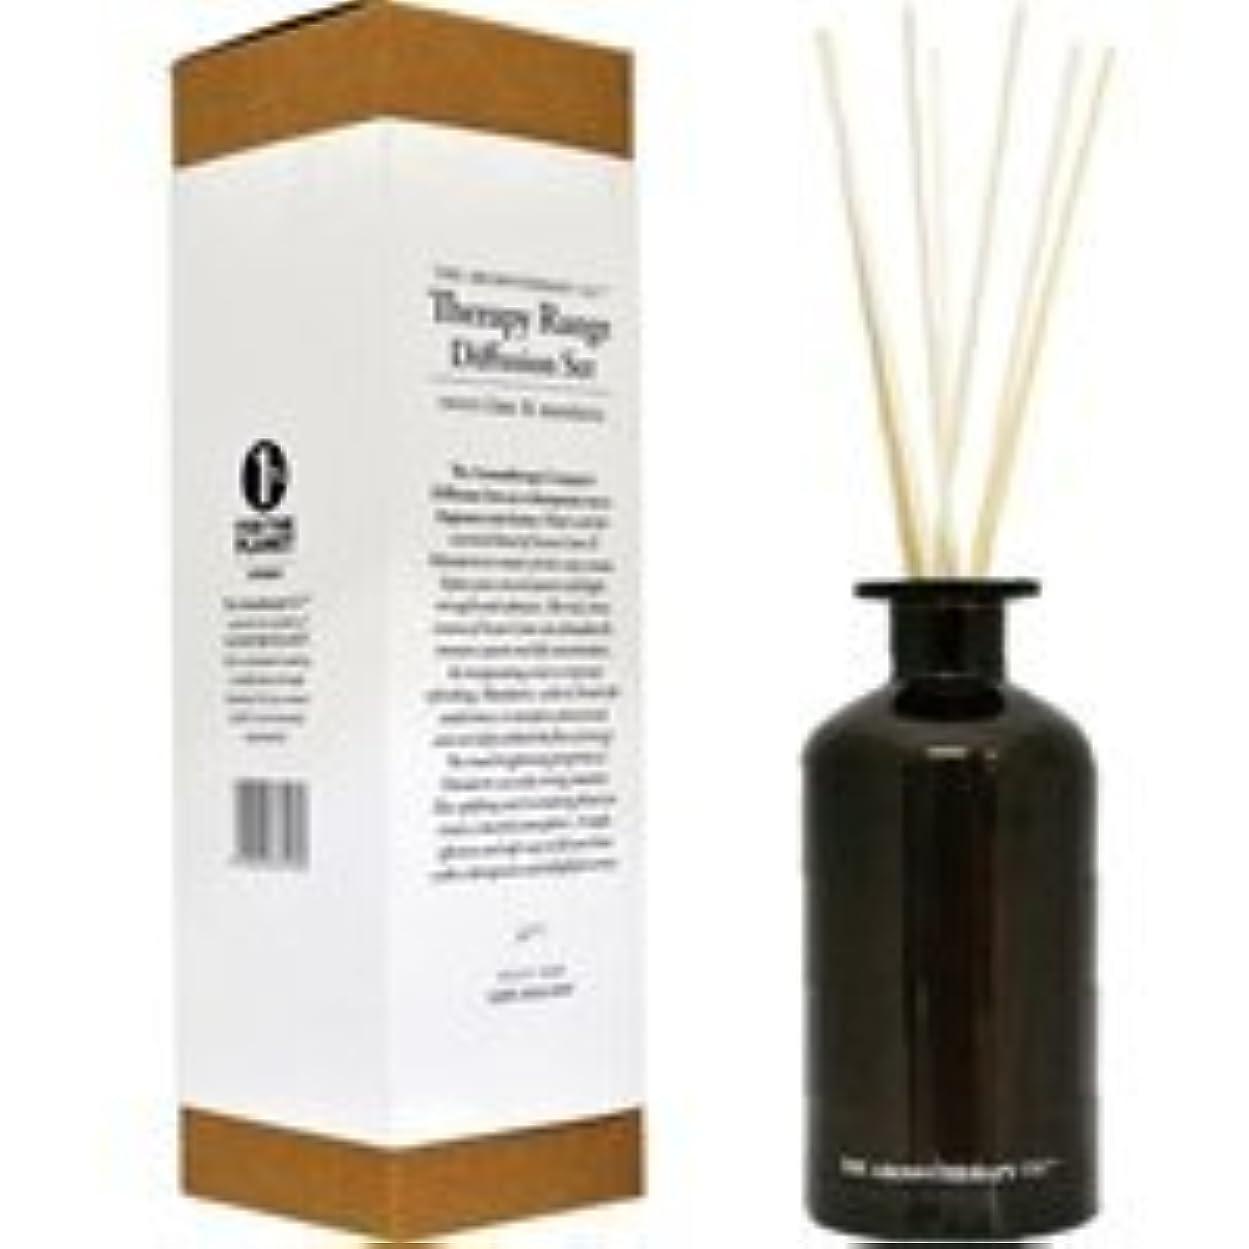 種をまく思いつく繊維Therapy Range セラピーレンジ メディシンボトル ディフュージョンスティック 250ml スイートライム&マンダリン Sweet Lime & Mandarin アロマセラピーカンパニー